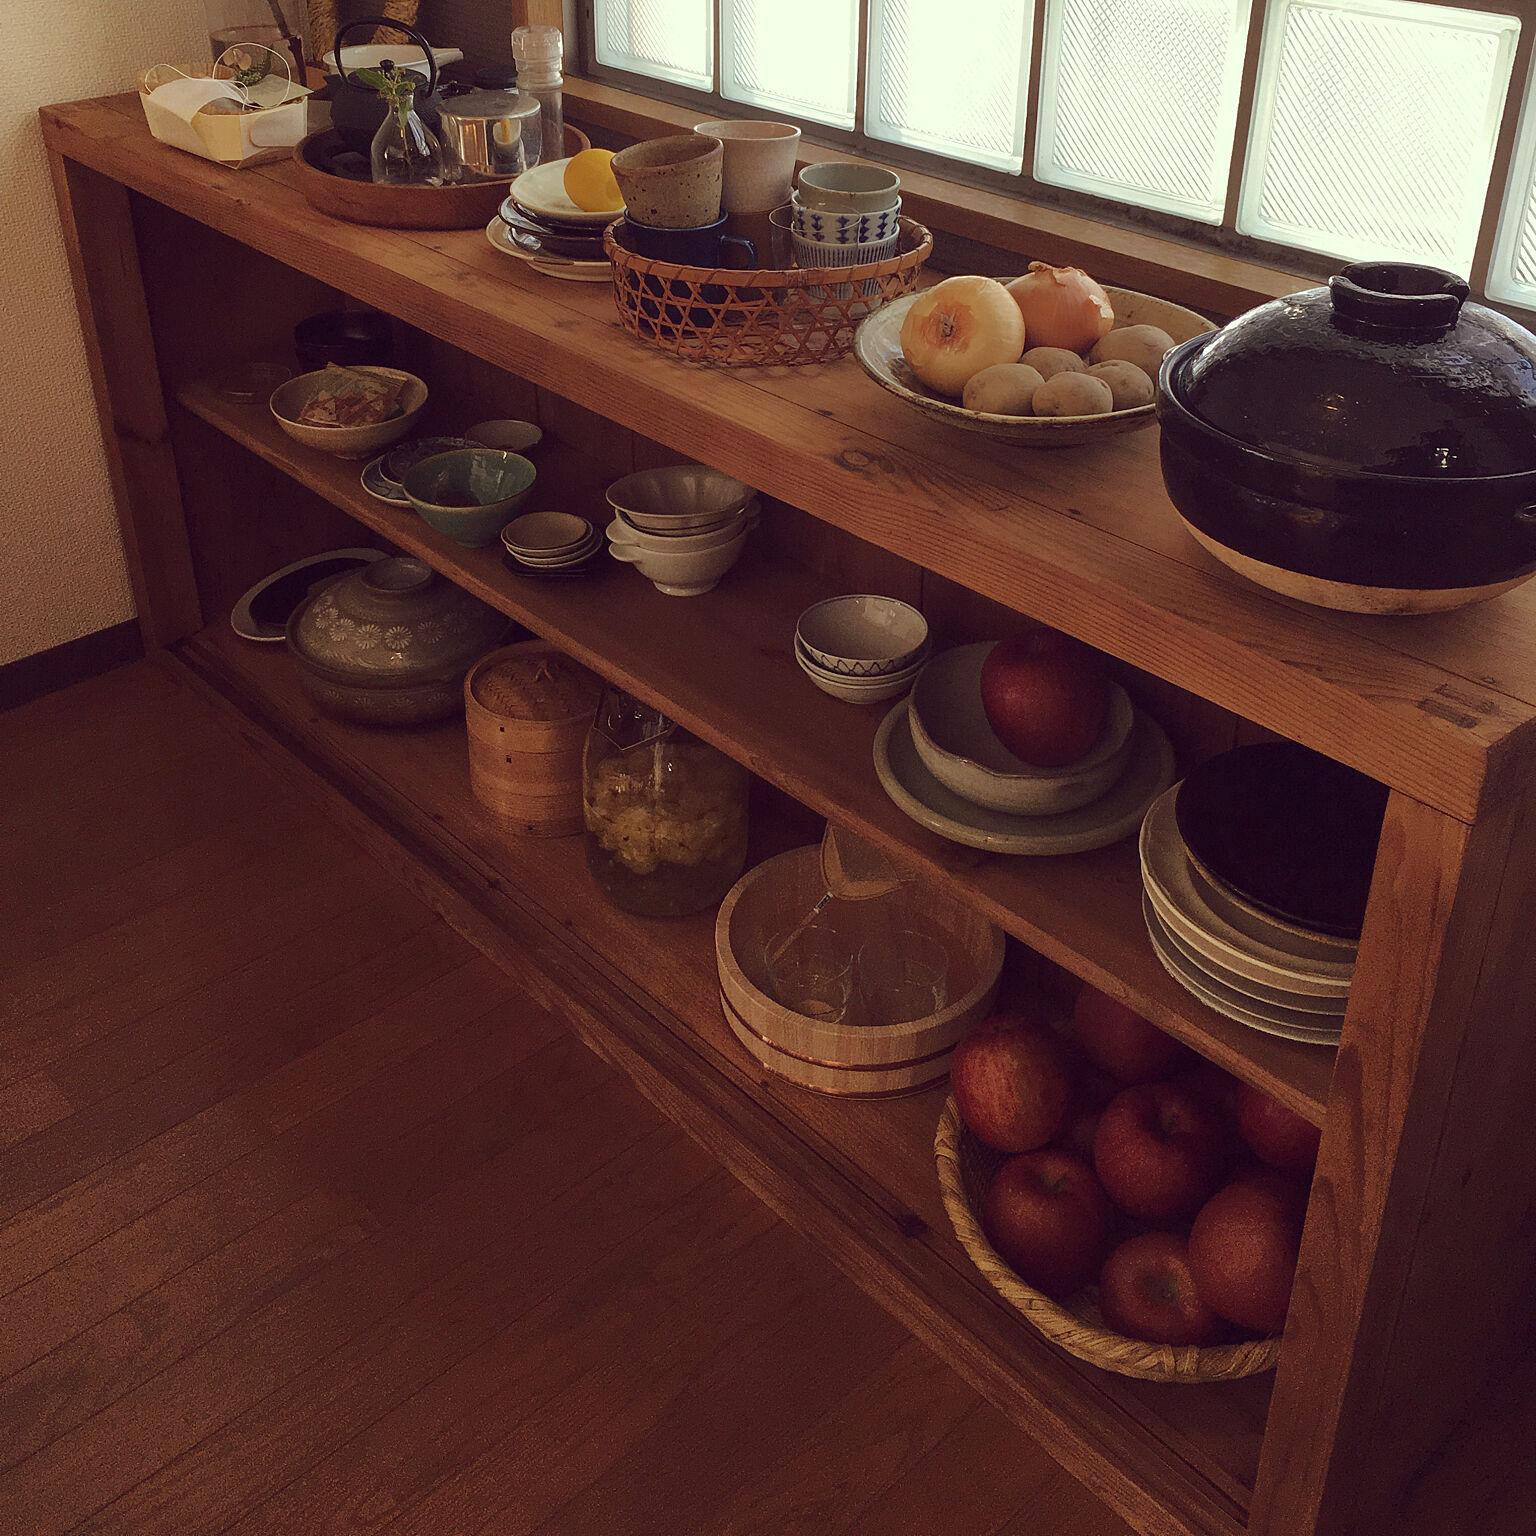 大切な器の居場所を作りたい♡食器を美しく収納するヒント